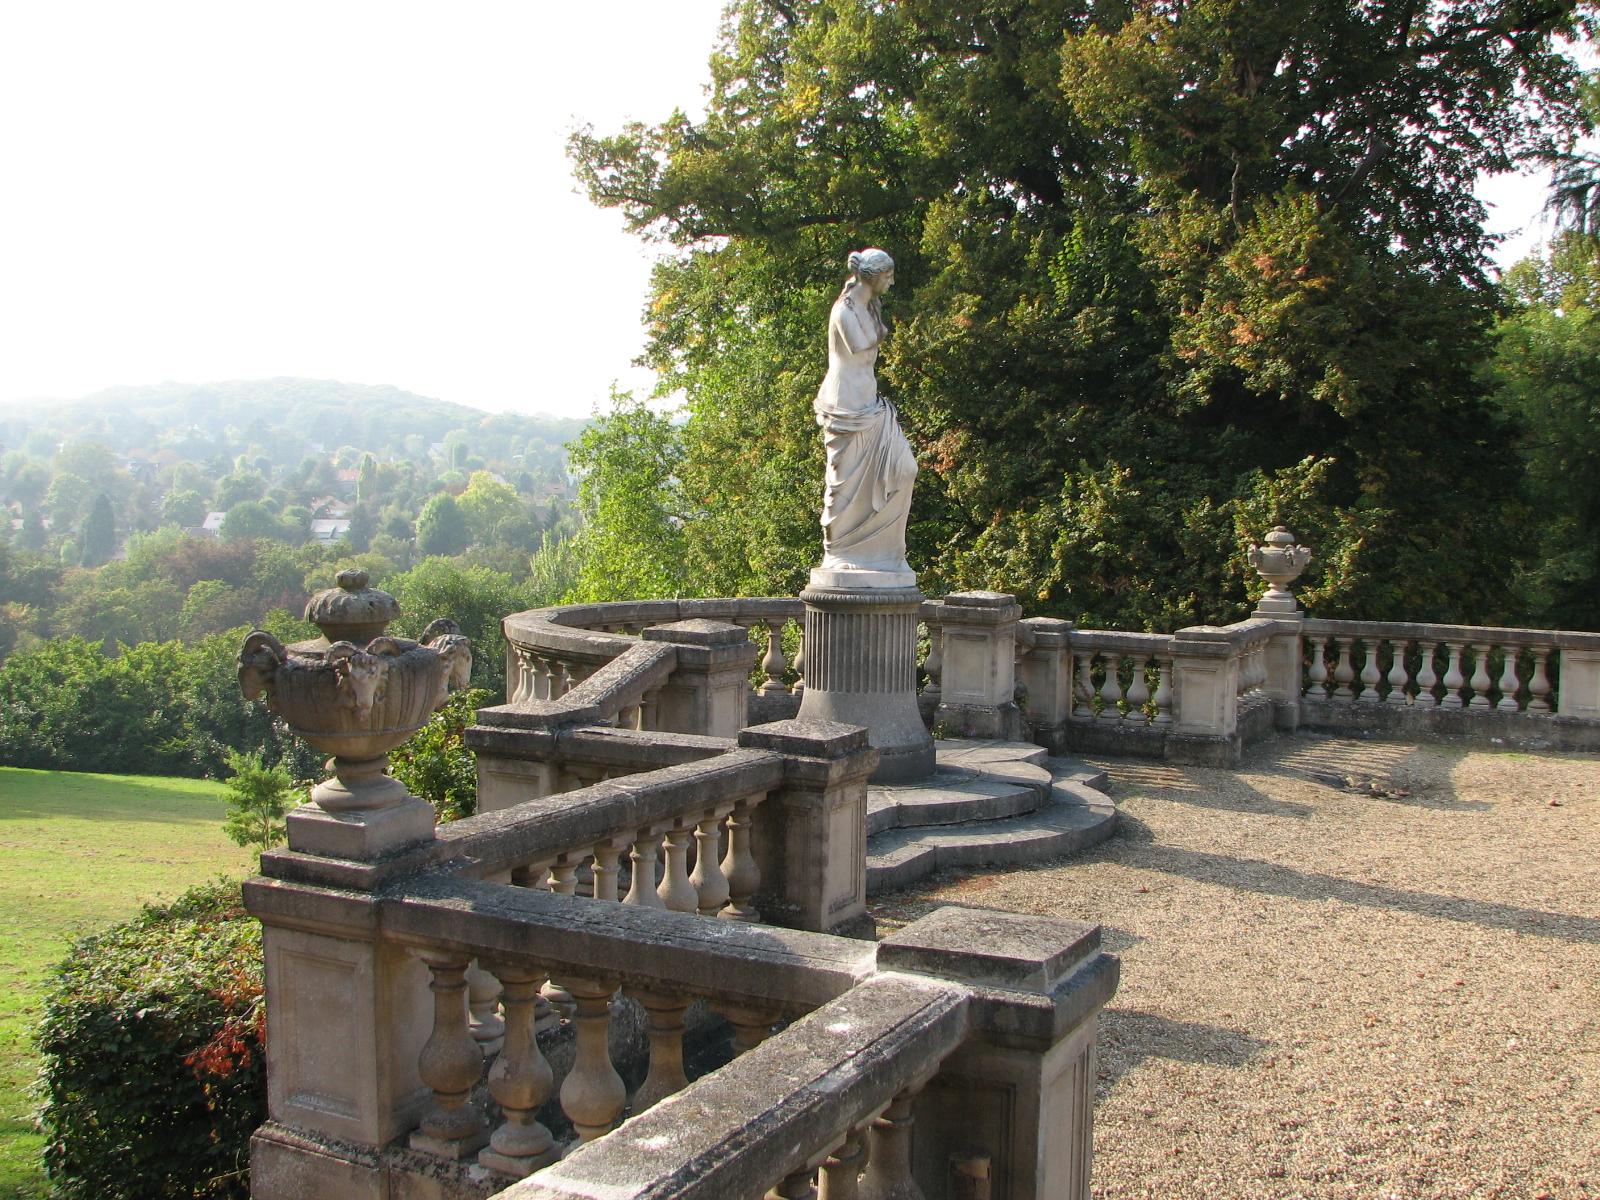 file chateau de la celle saint cloud statue wikimedia commons. Black Bedroom Furniture Sets. Home Design Ideas